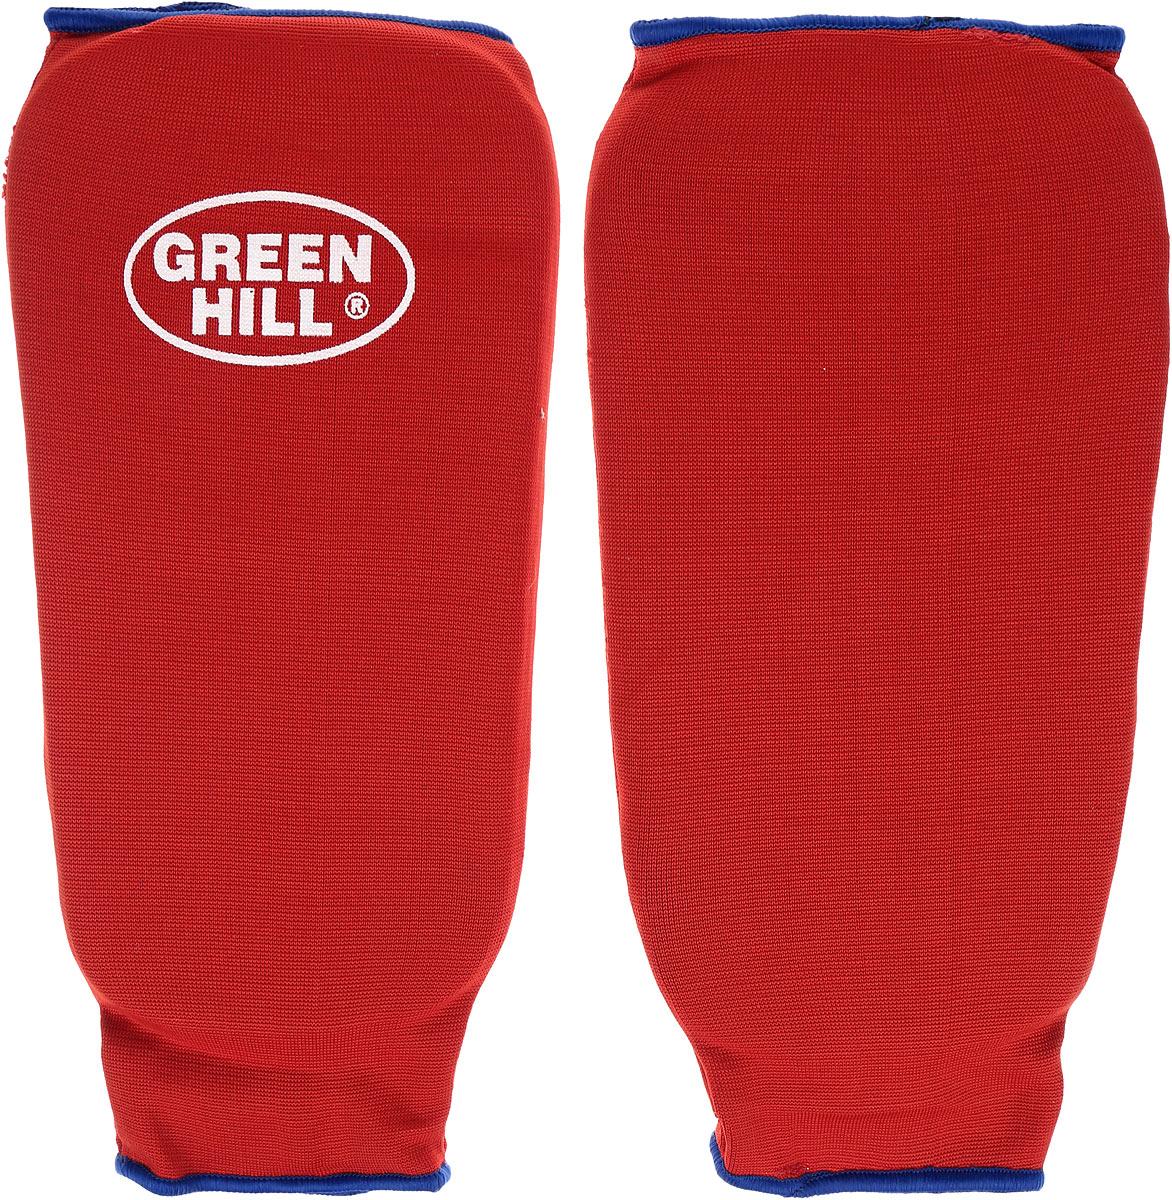 Защита голени Green Hill, цвет: красный, синий. Размер M. SPC-6210SPC-6210Защита голени Green Hill с наполнителем, выполненным из вспененного полимера, необходима при занятиях спортом для защиты суставов от вывихов, ушибов и прочих повреждений. Накладки выполнены из высококачественного эластана и хлопка. Длина голени: 26 см. Ширина голени: 14 см.